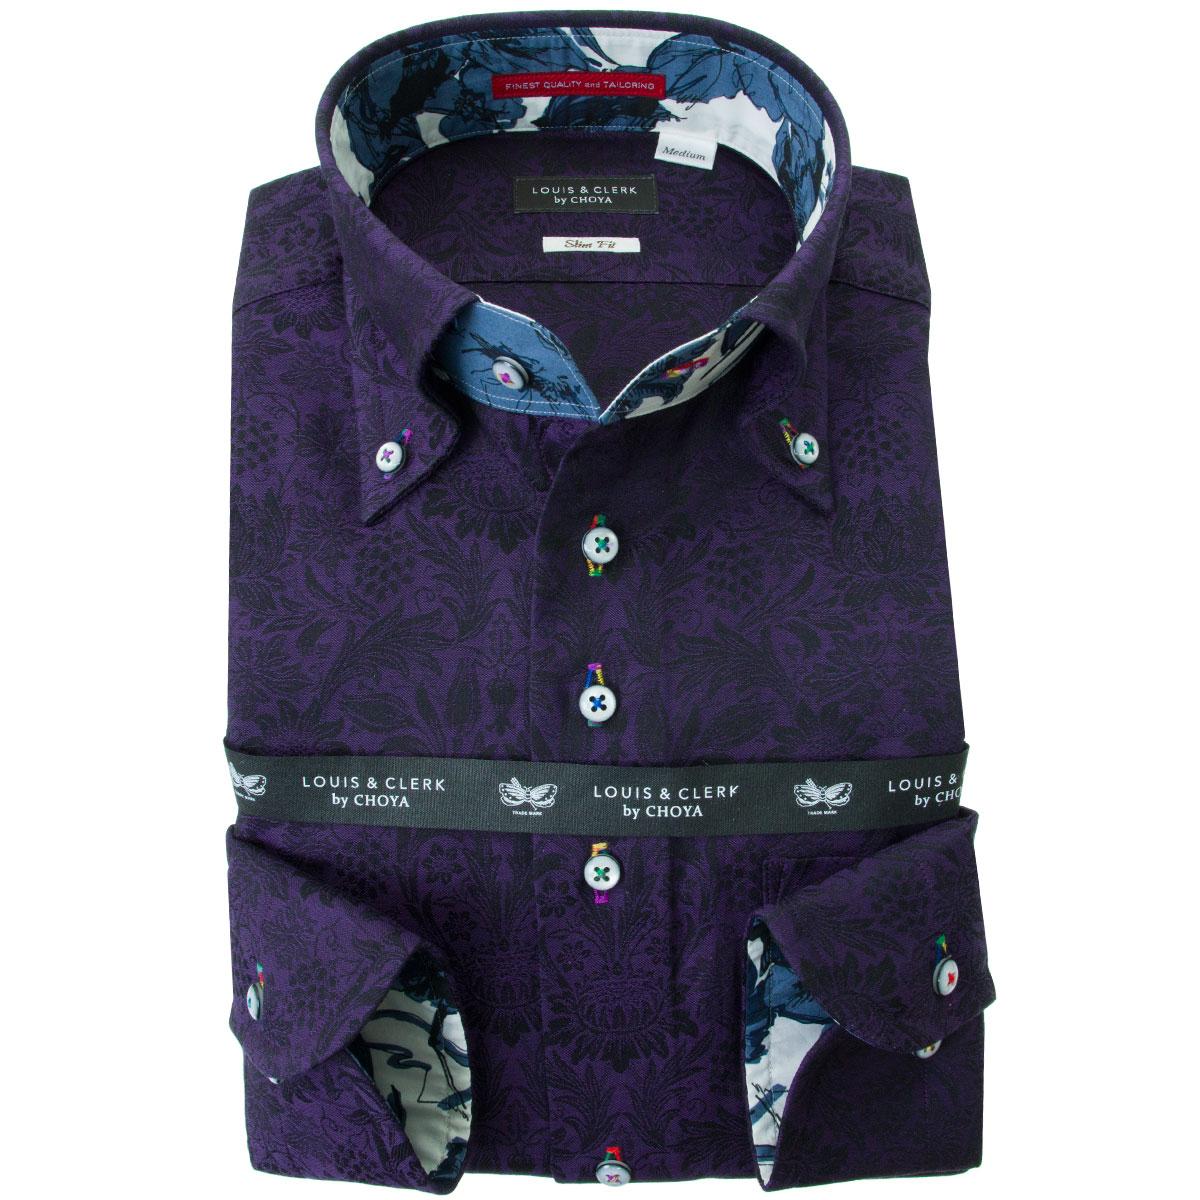 ドレスシャツ ワイシャツ シャツ メンズ 国産 長袖 綿100% スリムフィット ボタンダウン ダークパープル ジャガードサンフラワー 2001